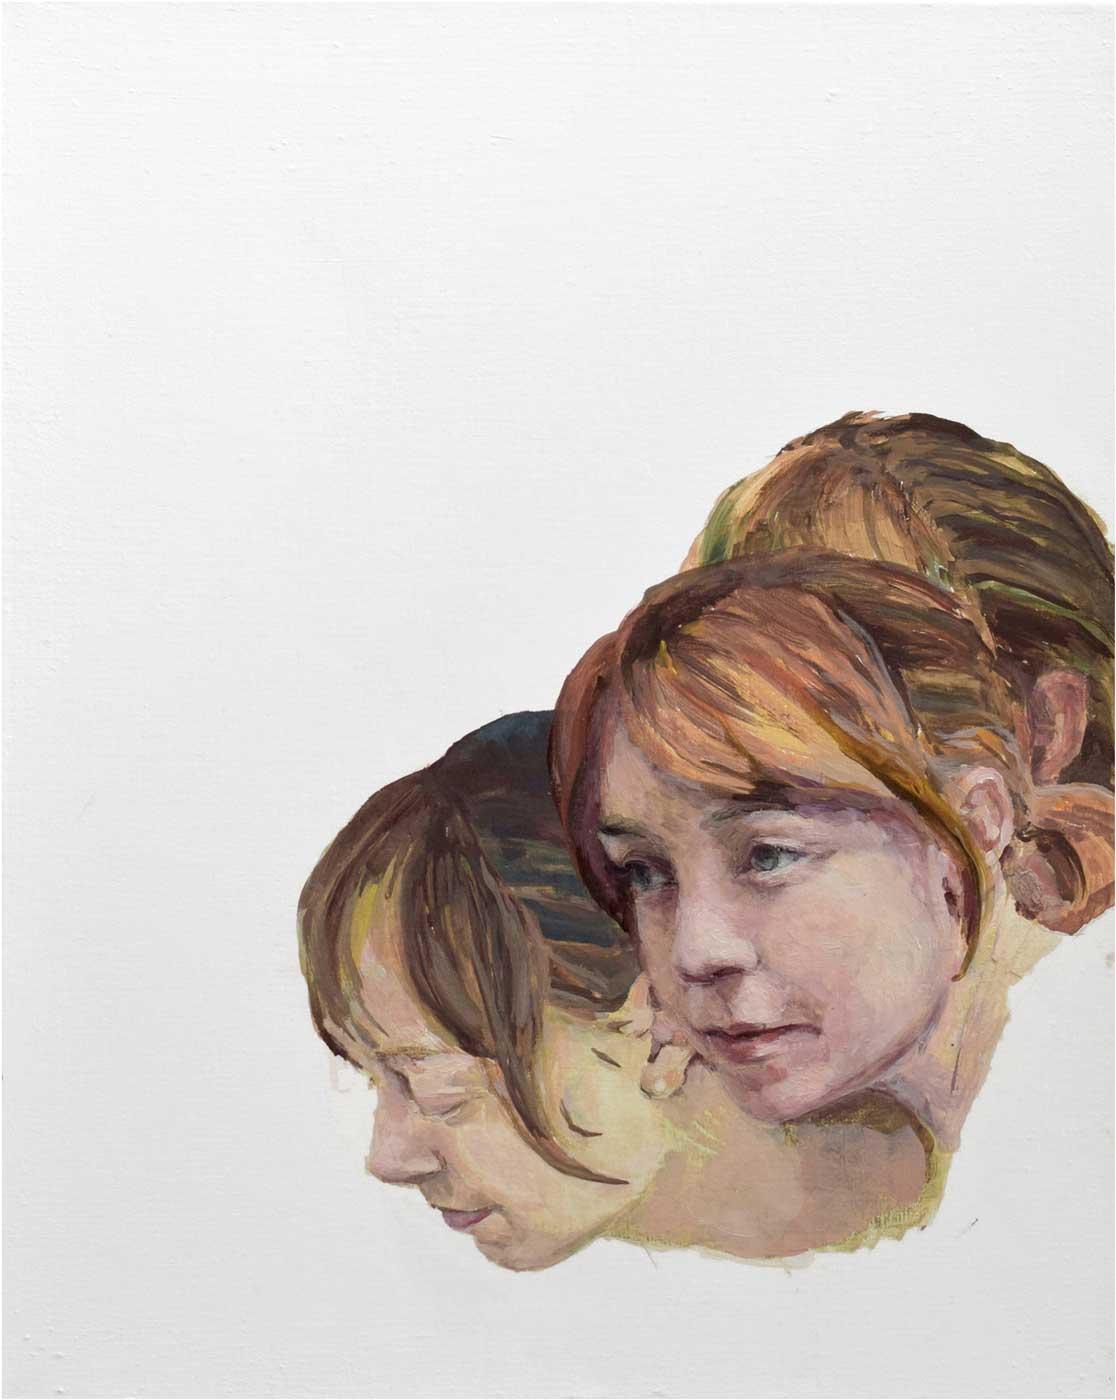 Carolin, 40 x 50 cm, Öl/Lwd., 2017